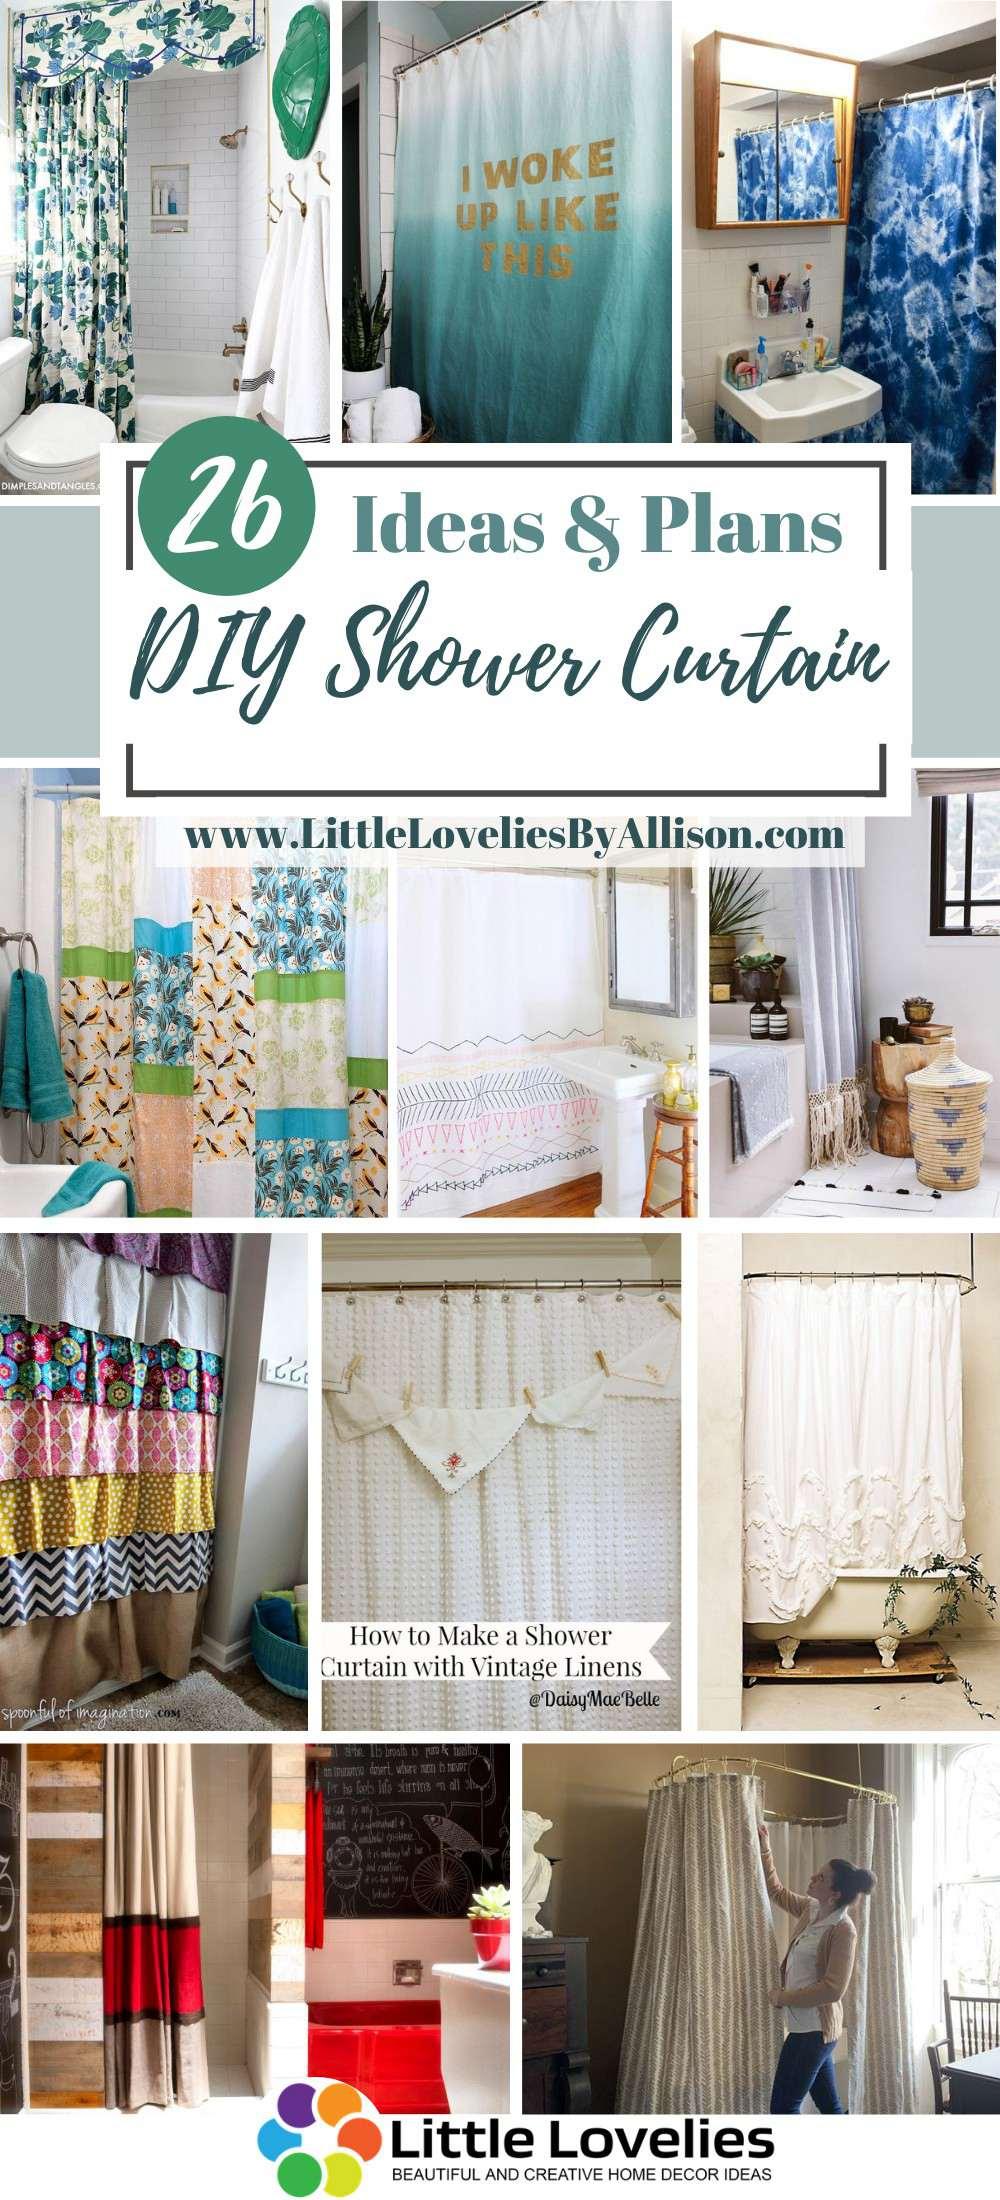 Best DIY Shower Curtain